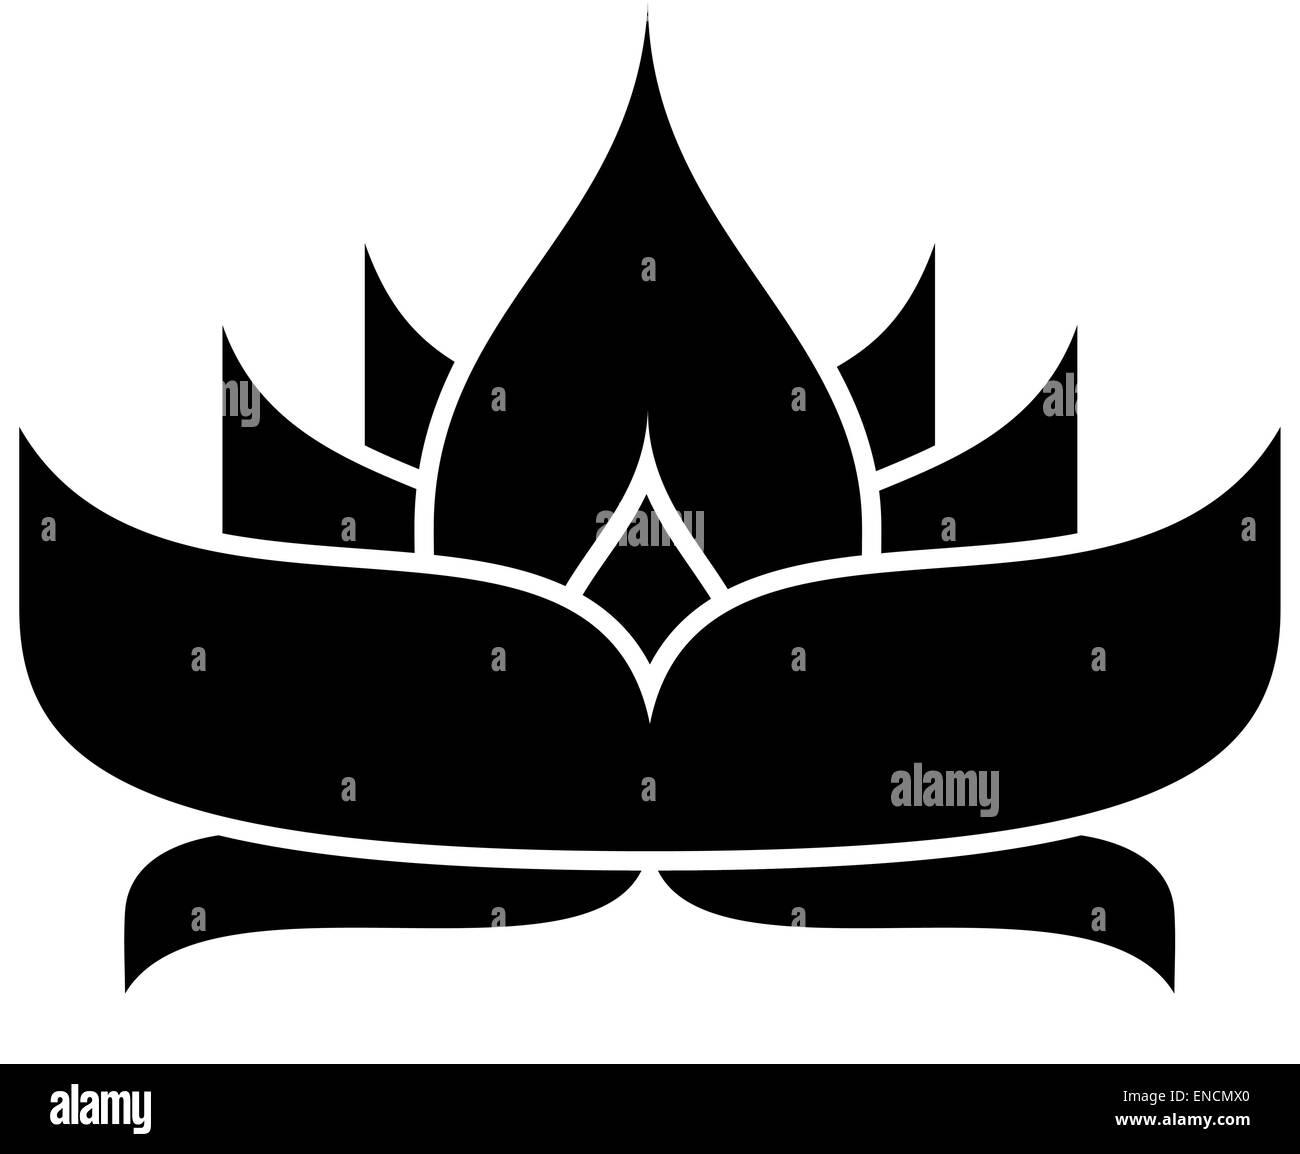 Lotus Flower Silhouette Stock Vector Art Illustration Vector